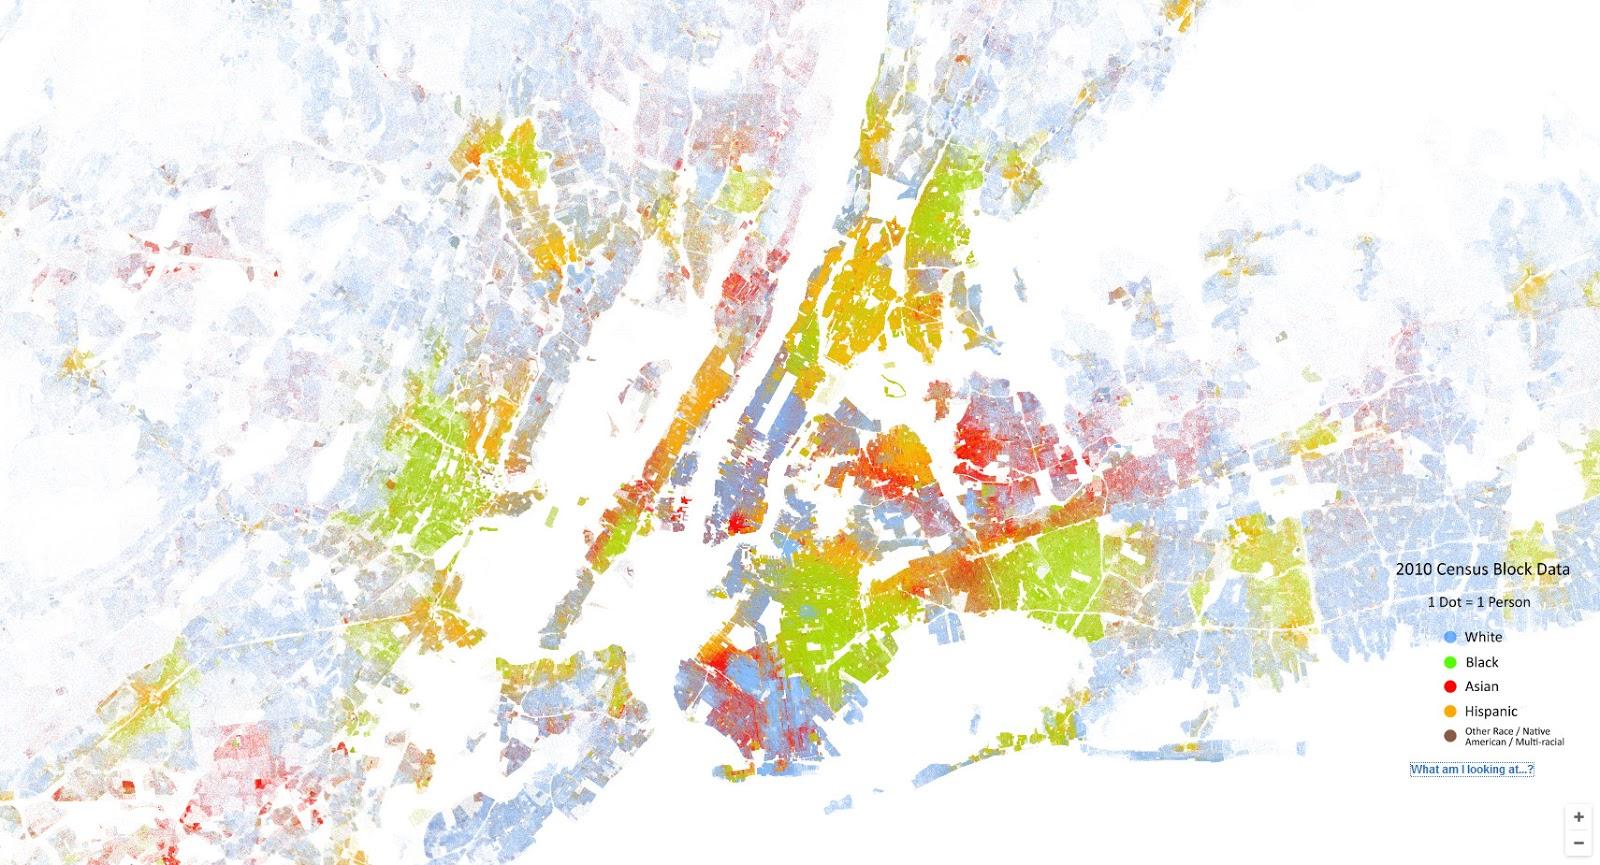 The racial dot map